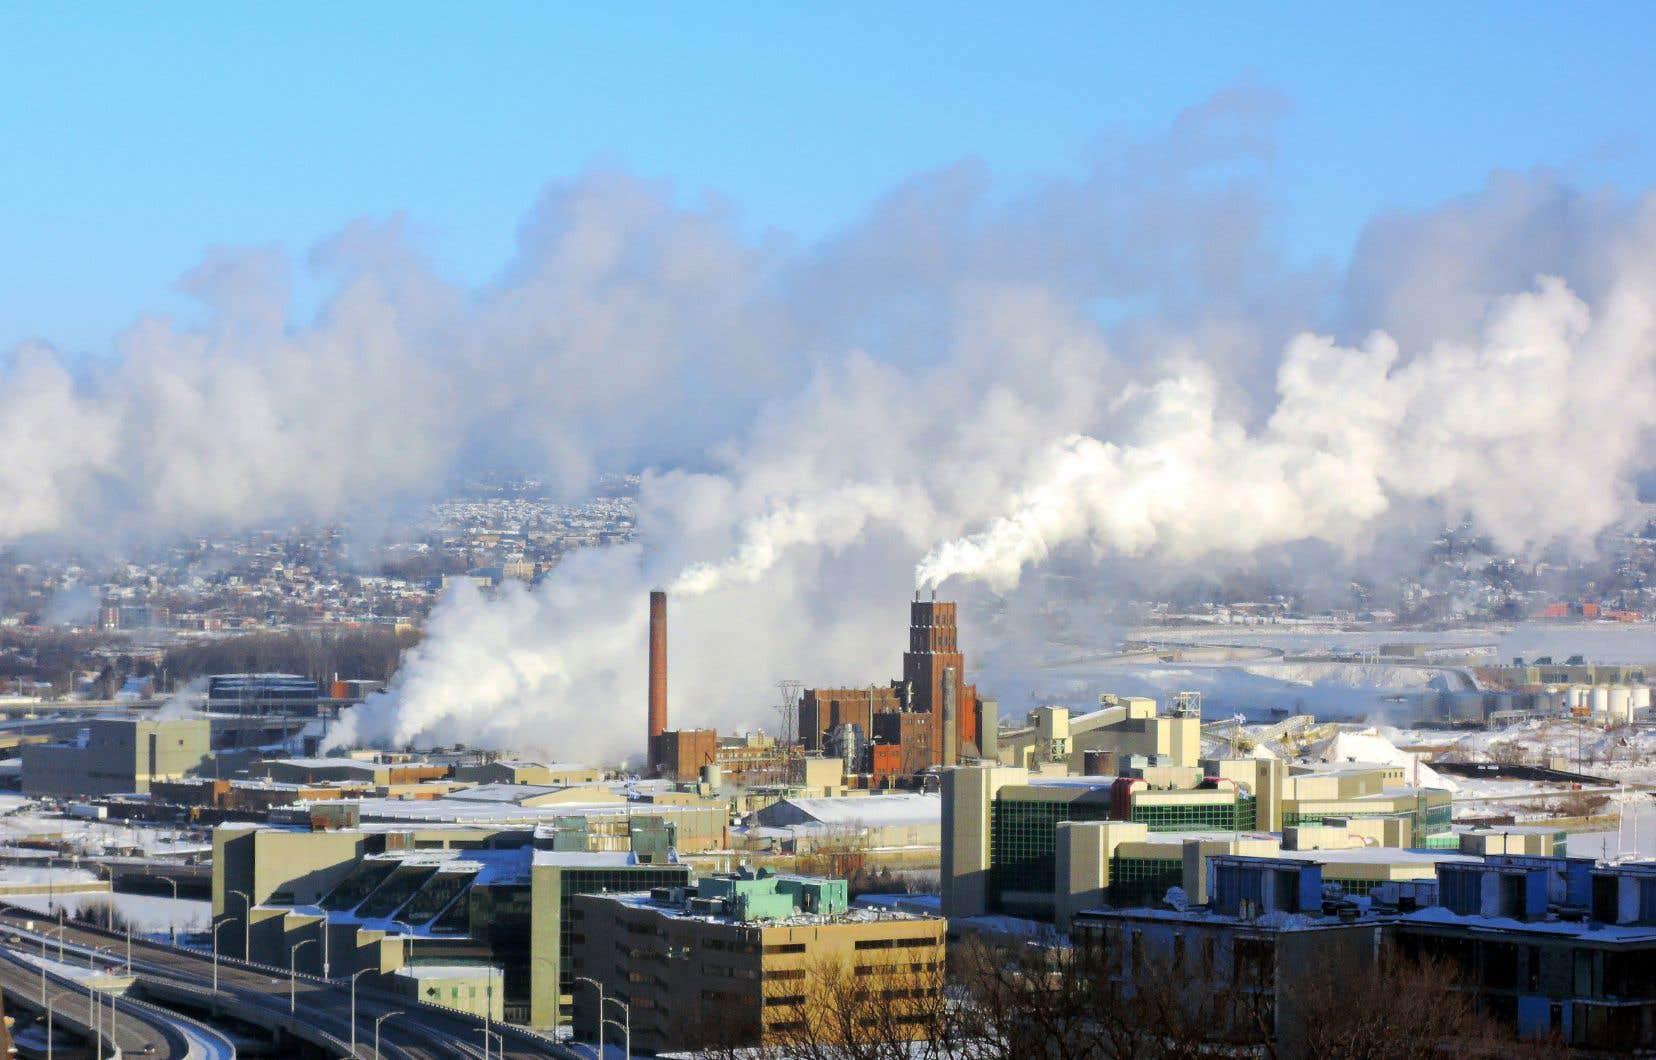 Le gouvernement canadien veut réduire les émissions de gaz à effet de serre de 30% d'ici 2030 par rapport au niveau de 2005.